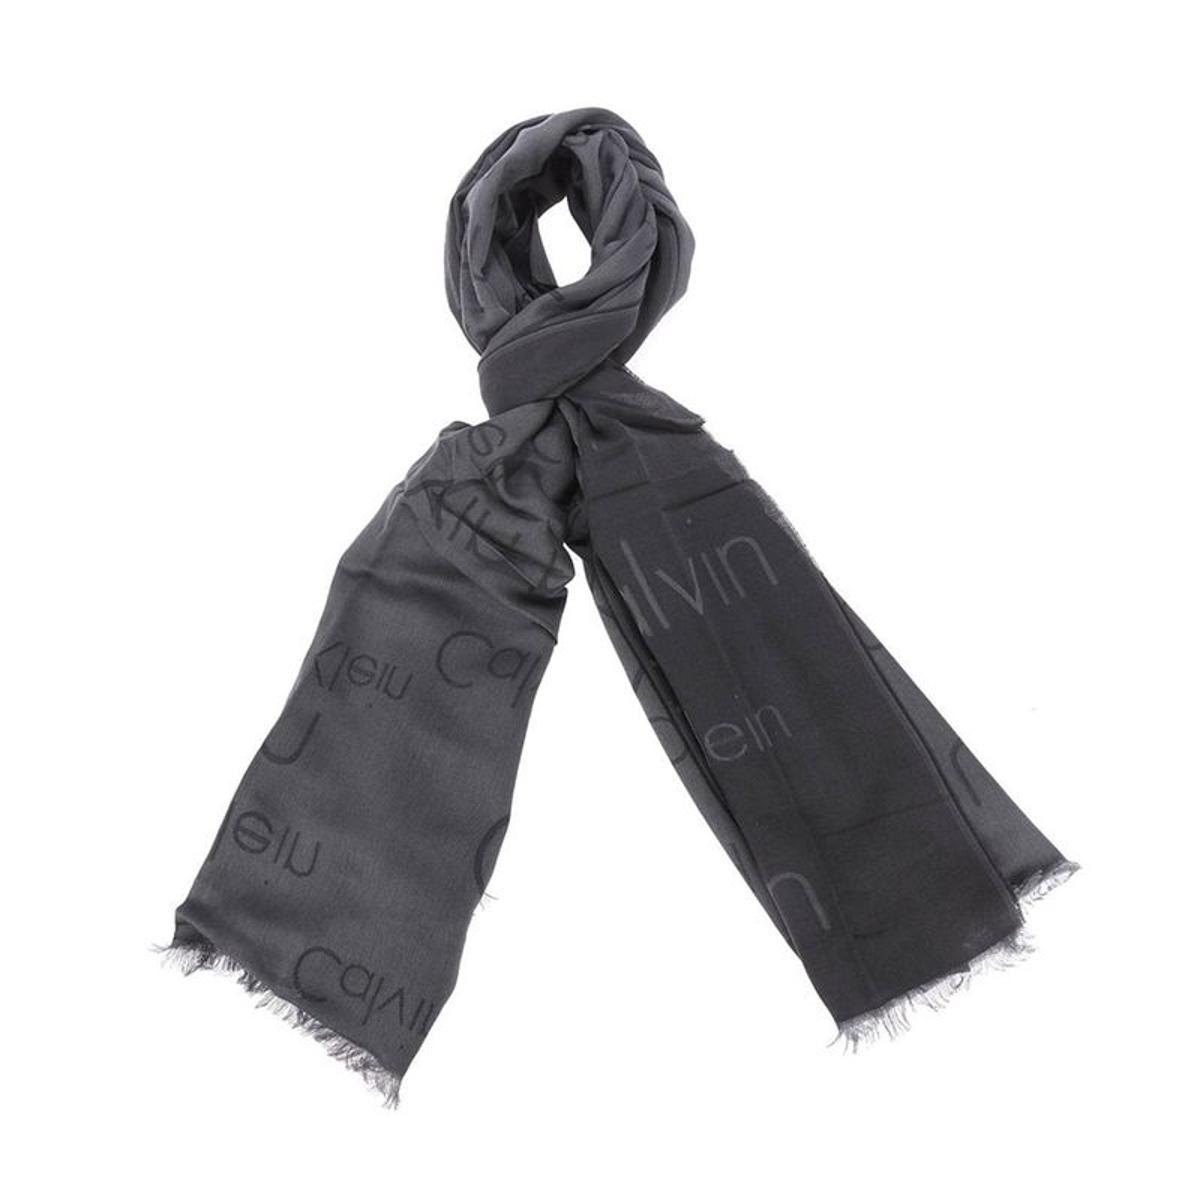 Calvin Klein Jeans Accessoires - echarpes, chèches, foulards